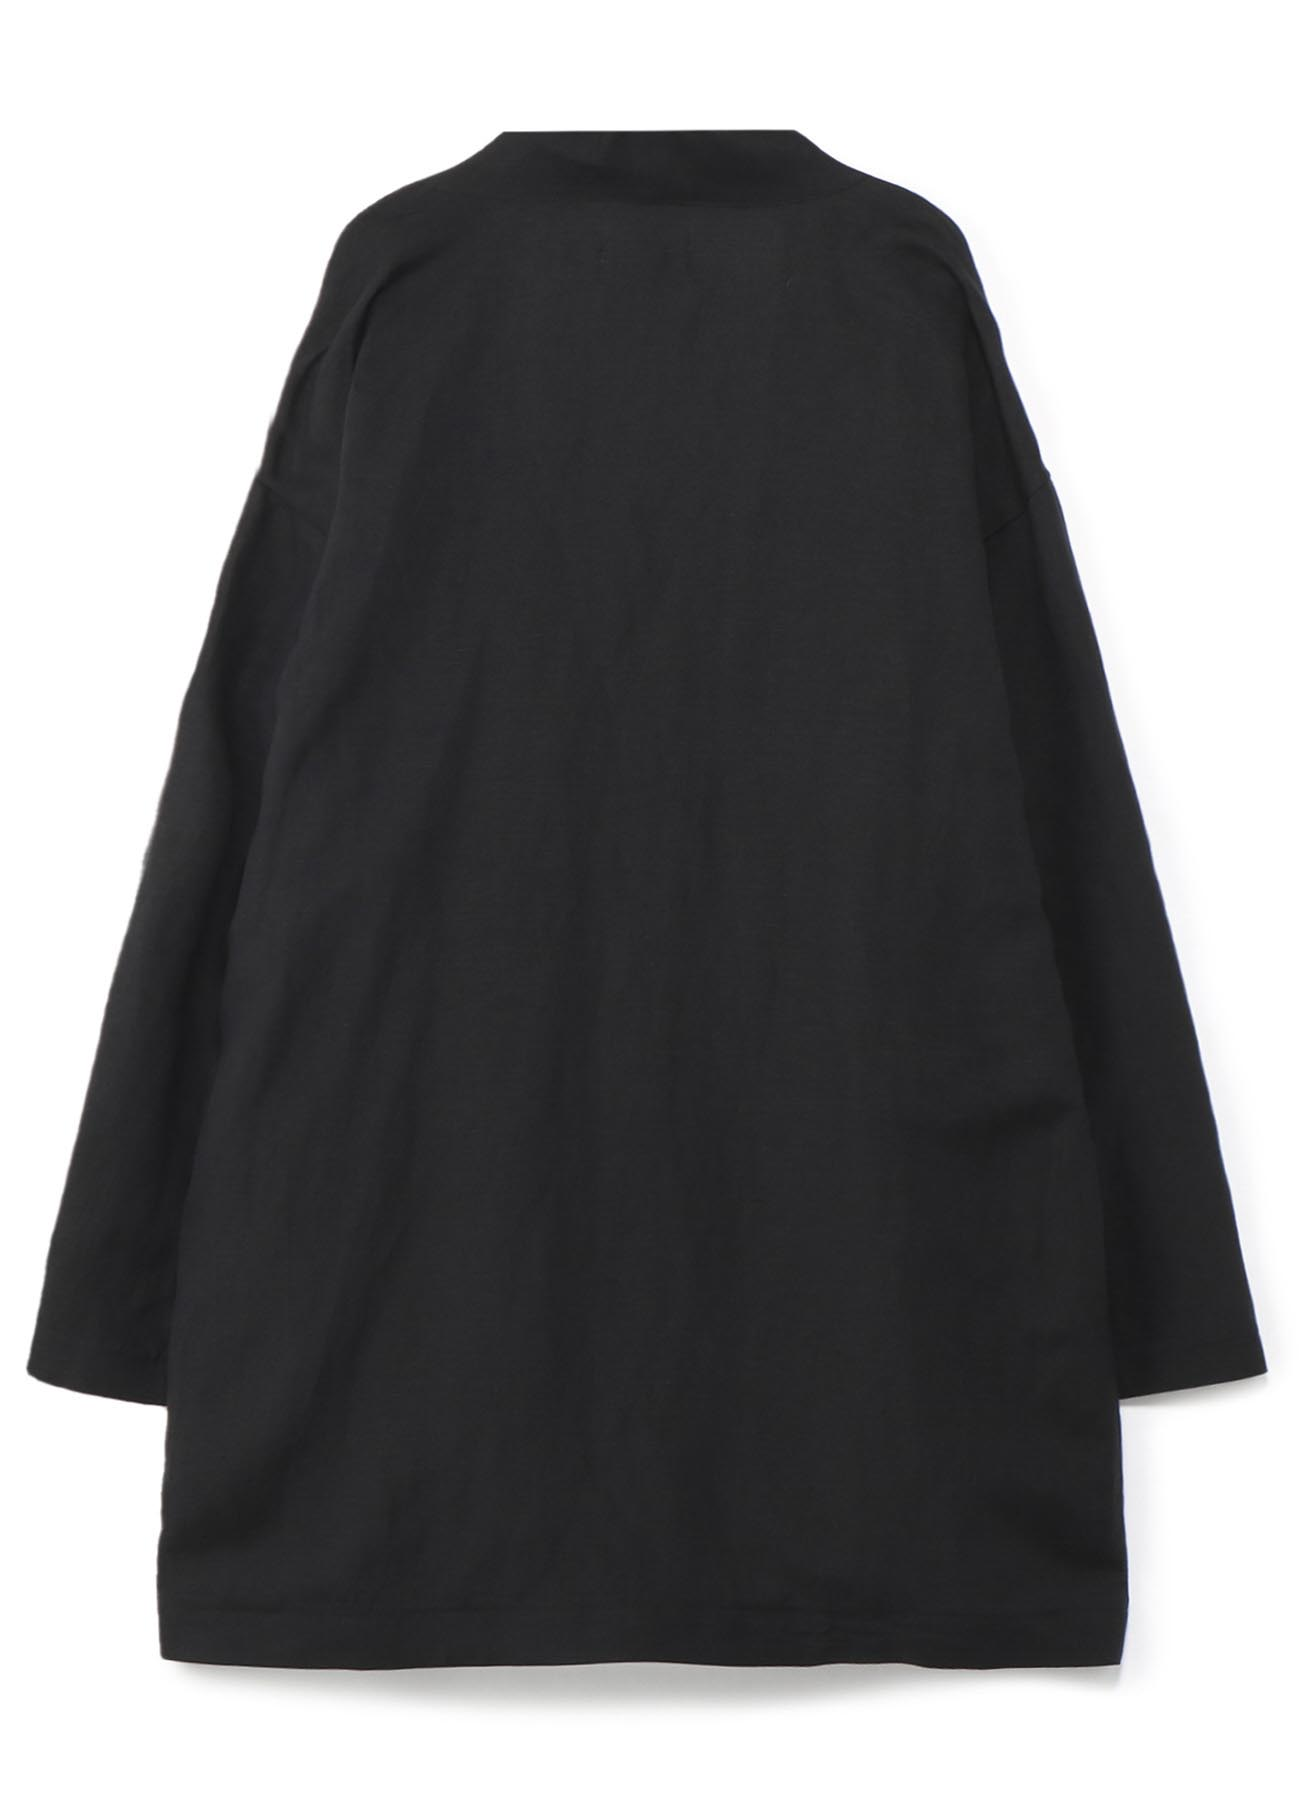 Rayon/Linen Bio Washer Kimono Haori Jacket